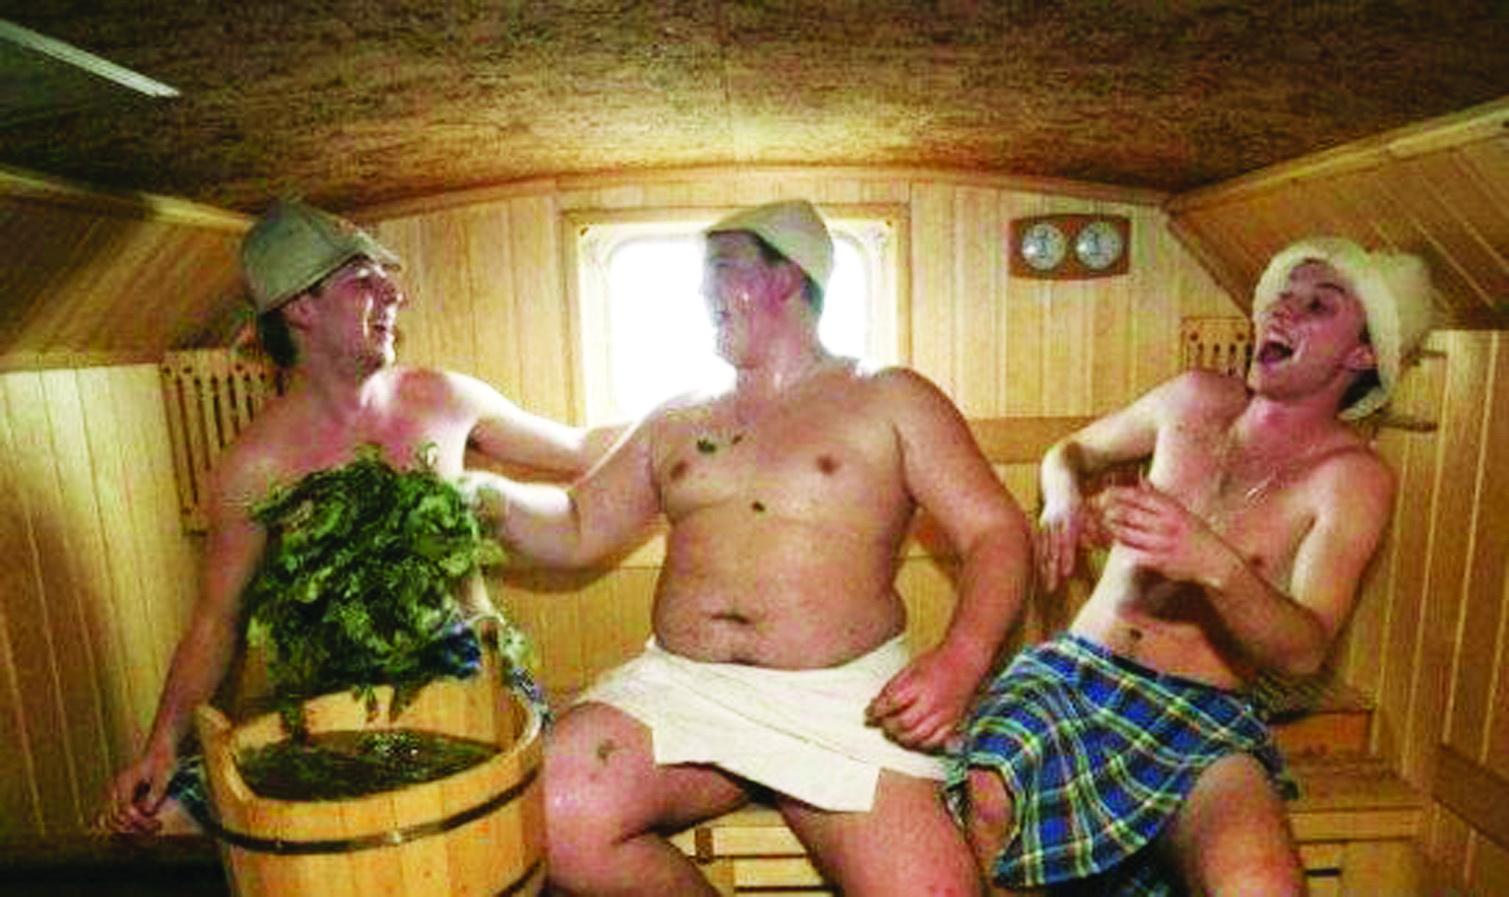 фото три мужика в бане все материалы, которые